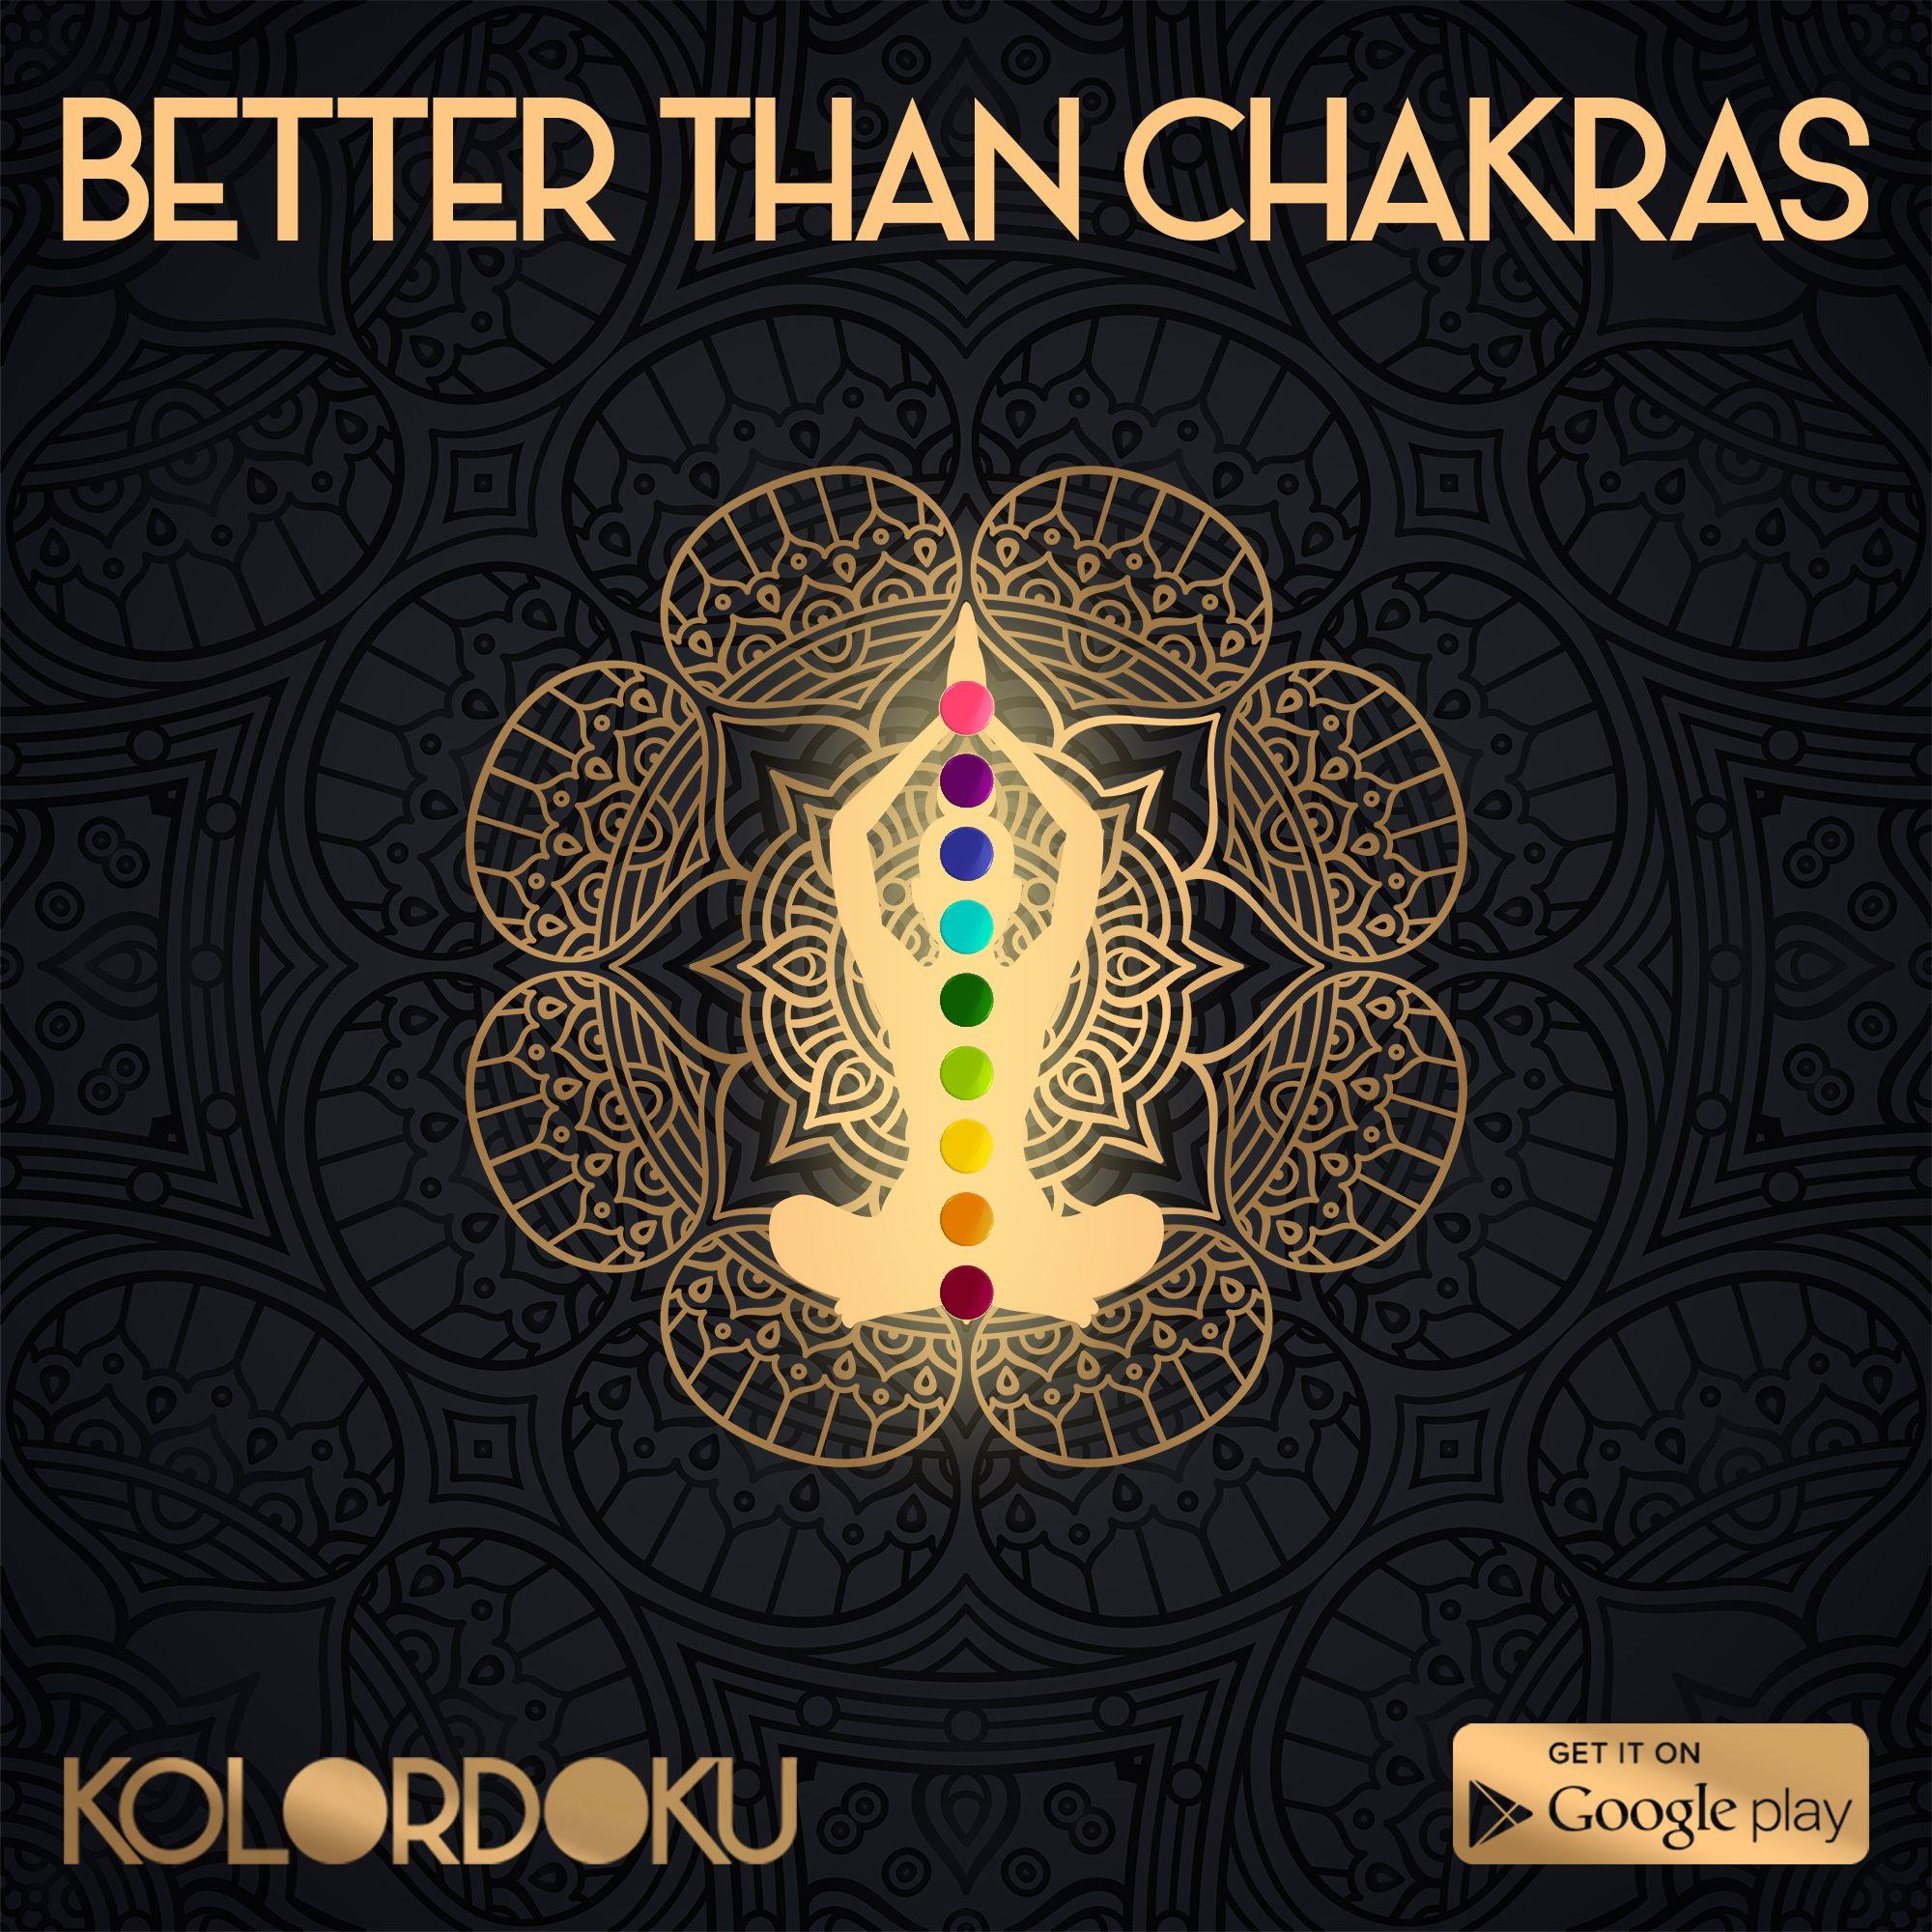 """Kolordoku game based on principle of popular """"Sudoku"""